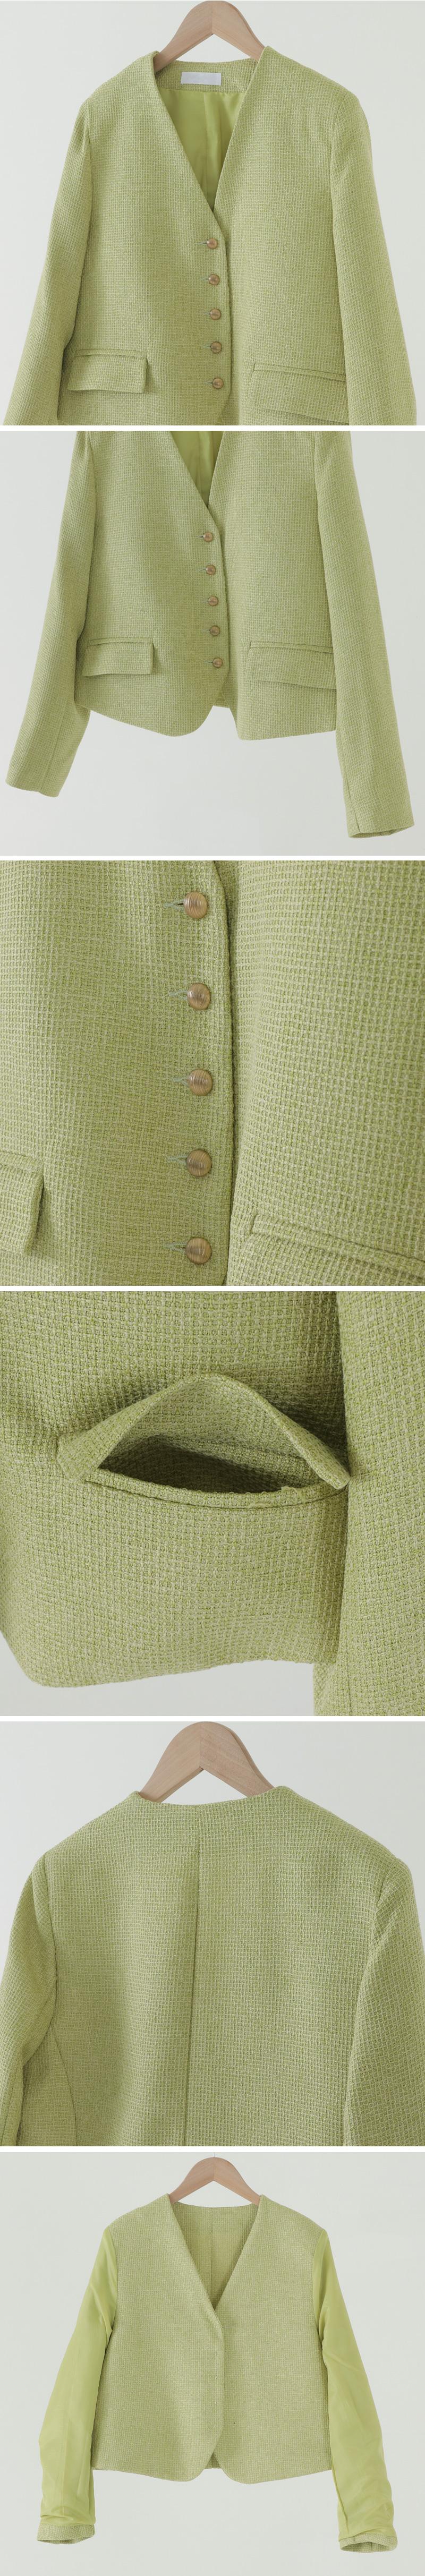 Luster No-Cara V-Neck Jacket